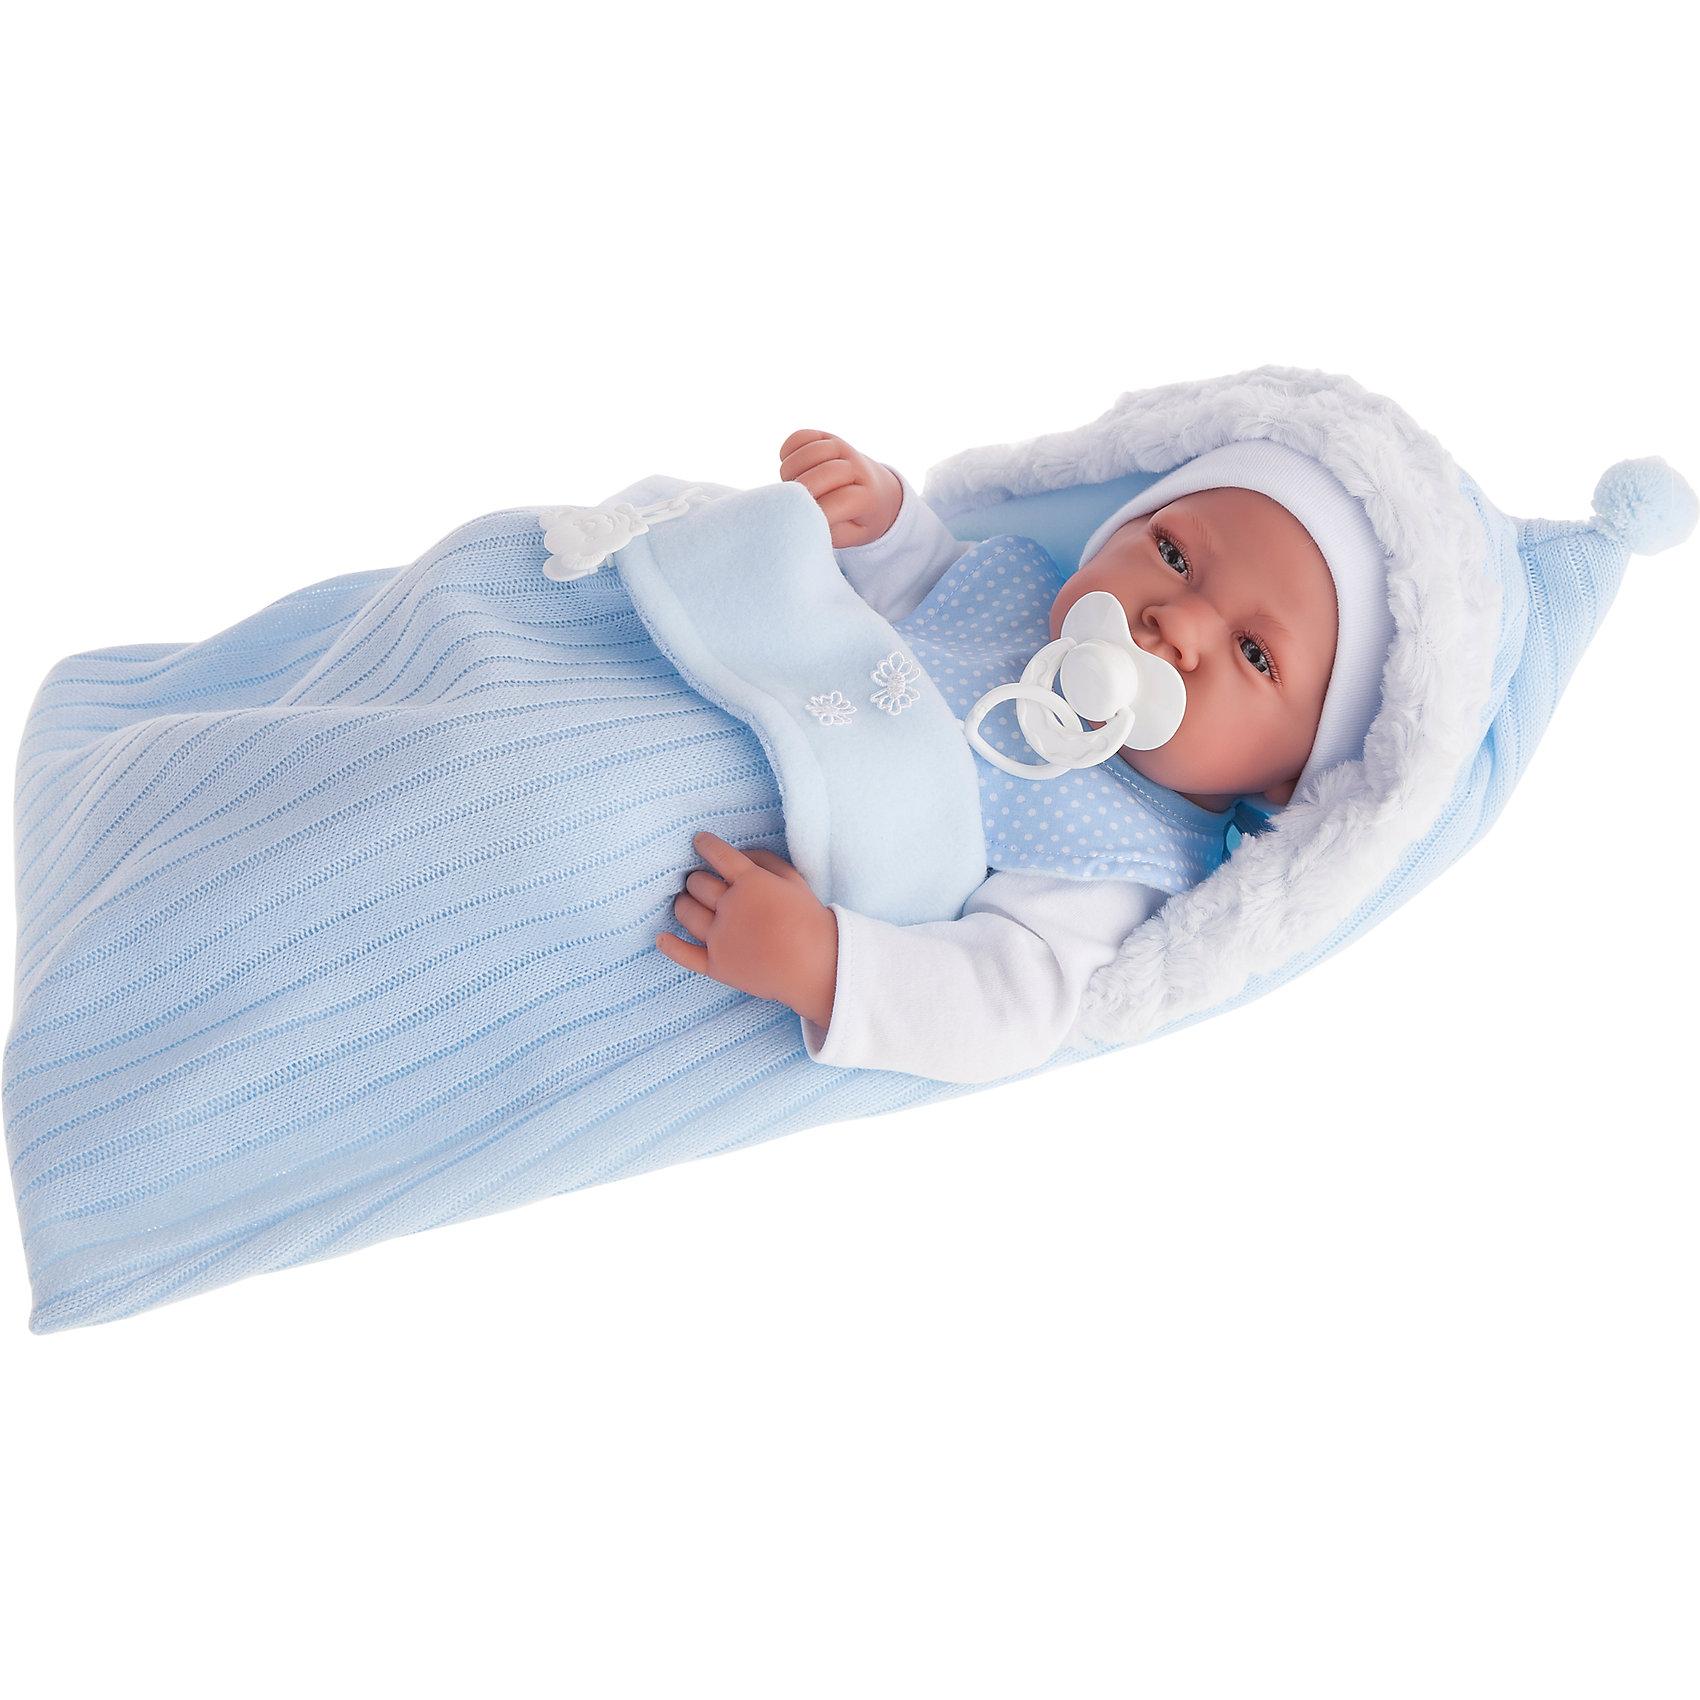 Кукла-младенец Хьюго, 42 см, Munecas Antonio JuanКукла-младенец Хьюго, 42 см, Munecas Antonio Juan (Мунекас Антонио Хуан).<br><br>Характеристики:<br><br>- Комплектация: кукла, конверт, соска<br>- Материал: винил, текстиль<br>- Высота куклы: 42 см.<br>- Глаза не закрываются<br>- Упаковка: яркая подарочная коробка<br><br>Малыш Хьюго невероятно похож на настоящего младенца. Анатомическая точность, с которой выполнена кукла, поражает! Выразительные глазки, маленький носик, пушистые ресницы, нежные щечки, пухлые губки, милые «перевязочки» на ручках и ножках придают кукле реалистичный вид и вызывают только самые положительные и добрые эмоции. Хьюго одет нежно-голубой комбинезончик и беленькую шапочку. Младенец лежит в мягком утепленном конверте голубого цвета с меховой оторочкой на капюшоне. У Хьюго есть любимая соска. Кукла изготовлена из высококачественного винила с покрытием софт тач, мягкого и приятного на ощупь. Голова, ручки и ножки подвижны. Кукла соответствует всем нормам и требованиям к качеству детских товаров. Образы малышей Мунекас разработаны известными европейскими дизайнерами. Они натуралистичны, анатомически точны.<br><br>Куклу-младенца Хьюго, 42 см, Munecas Antonio Juan (Мунекас Антонио Хуан) можно купить в нашем интернет-магазине.<br><br>Ширина мм: 450<br>Глубина мм: 390<br>Высота мм: 170<br>Вес г: 1230<br>Возраст от месяцев: 36<br>Возраст до месяцев: 2147483647<br>Пол: Женский<br>Возраст: Детский<br>SKU: 5055423